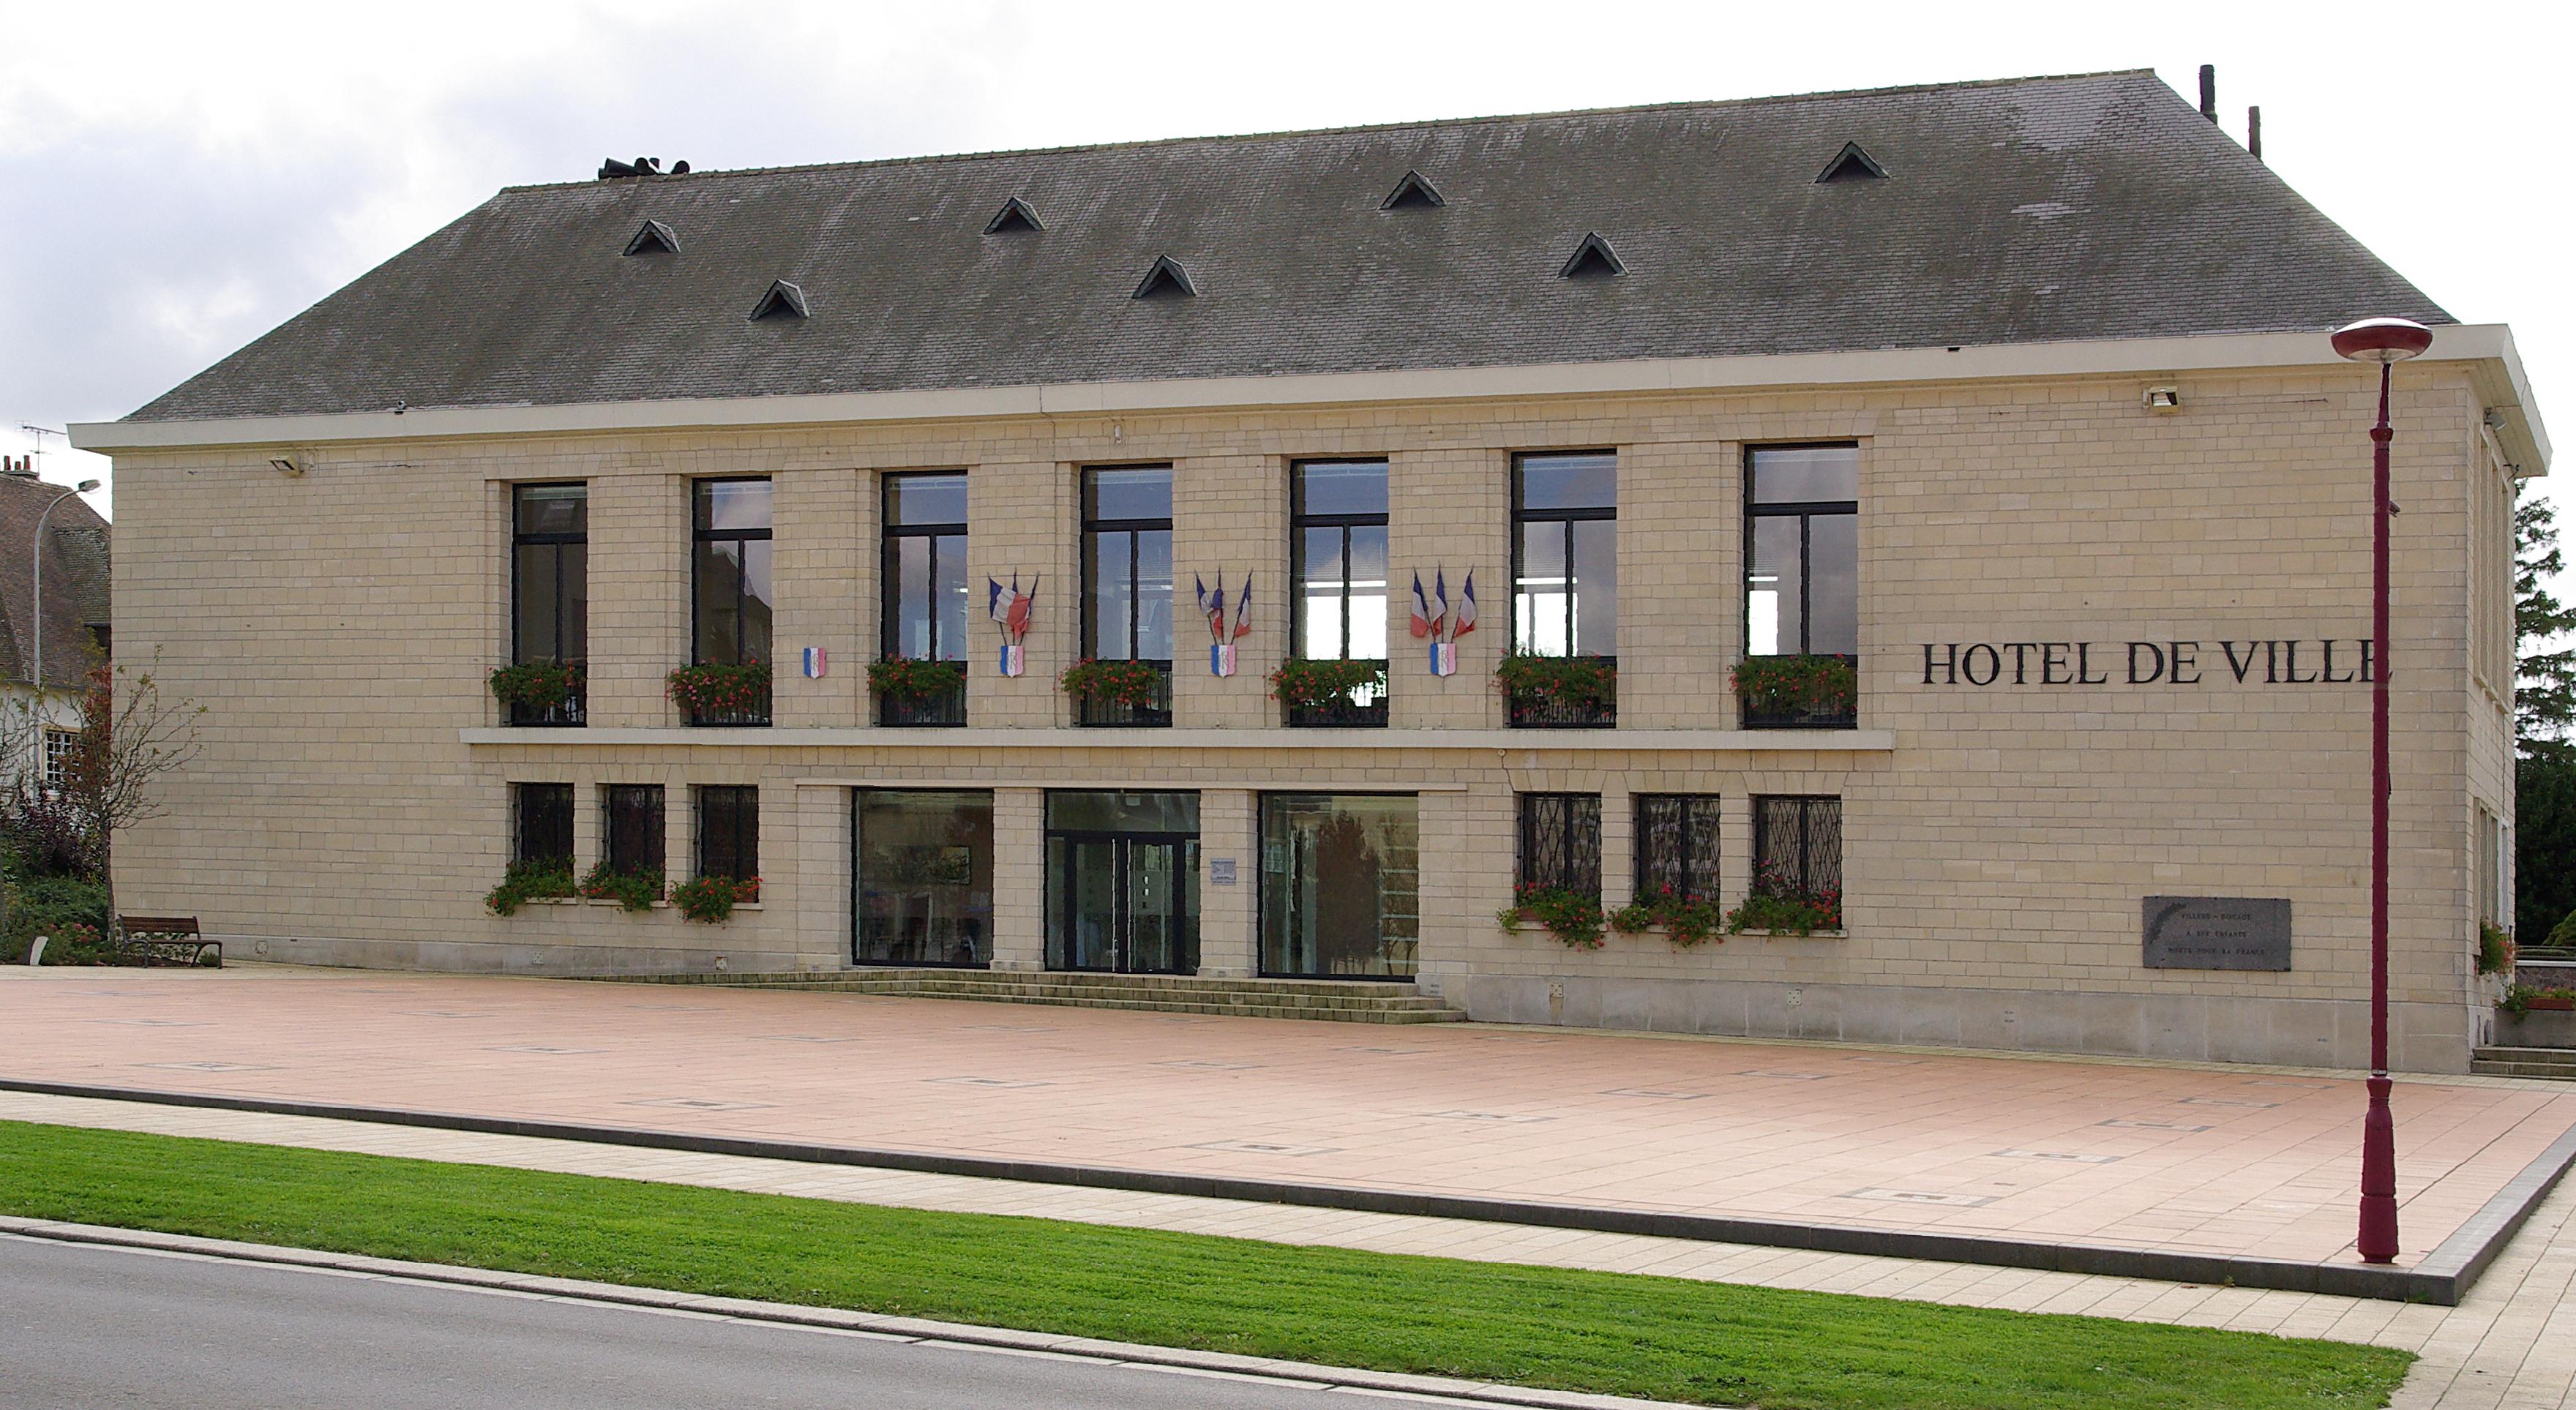 Villers-Bocage (Calvados)